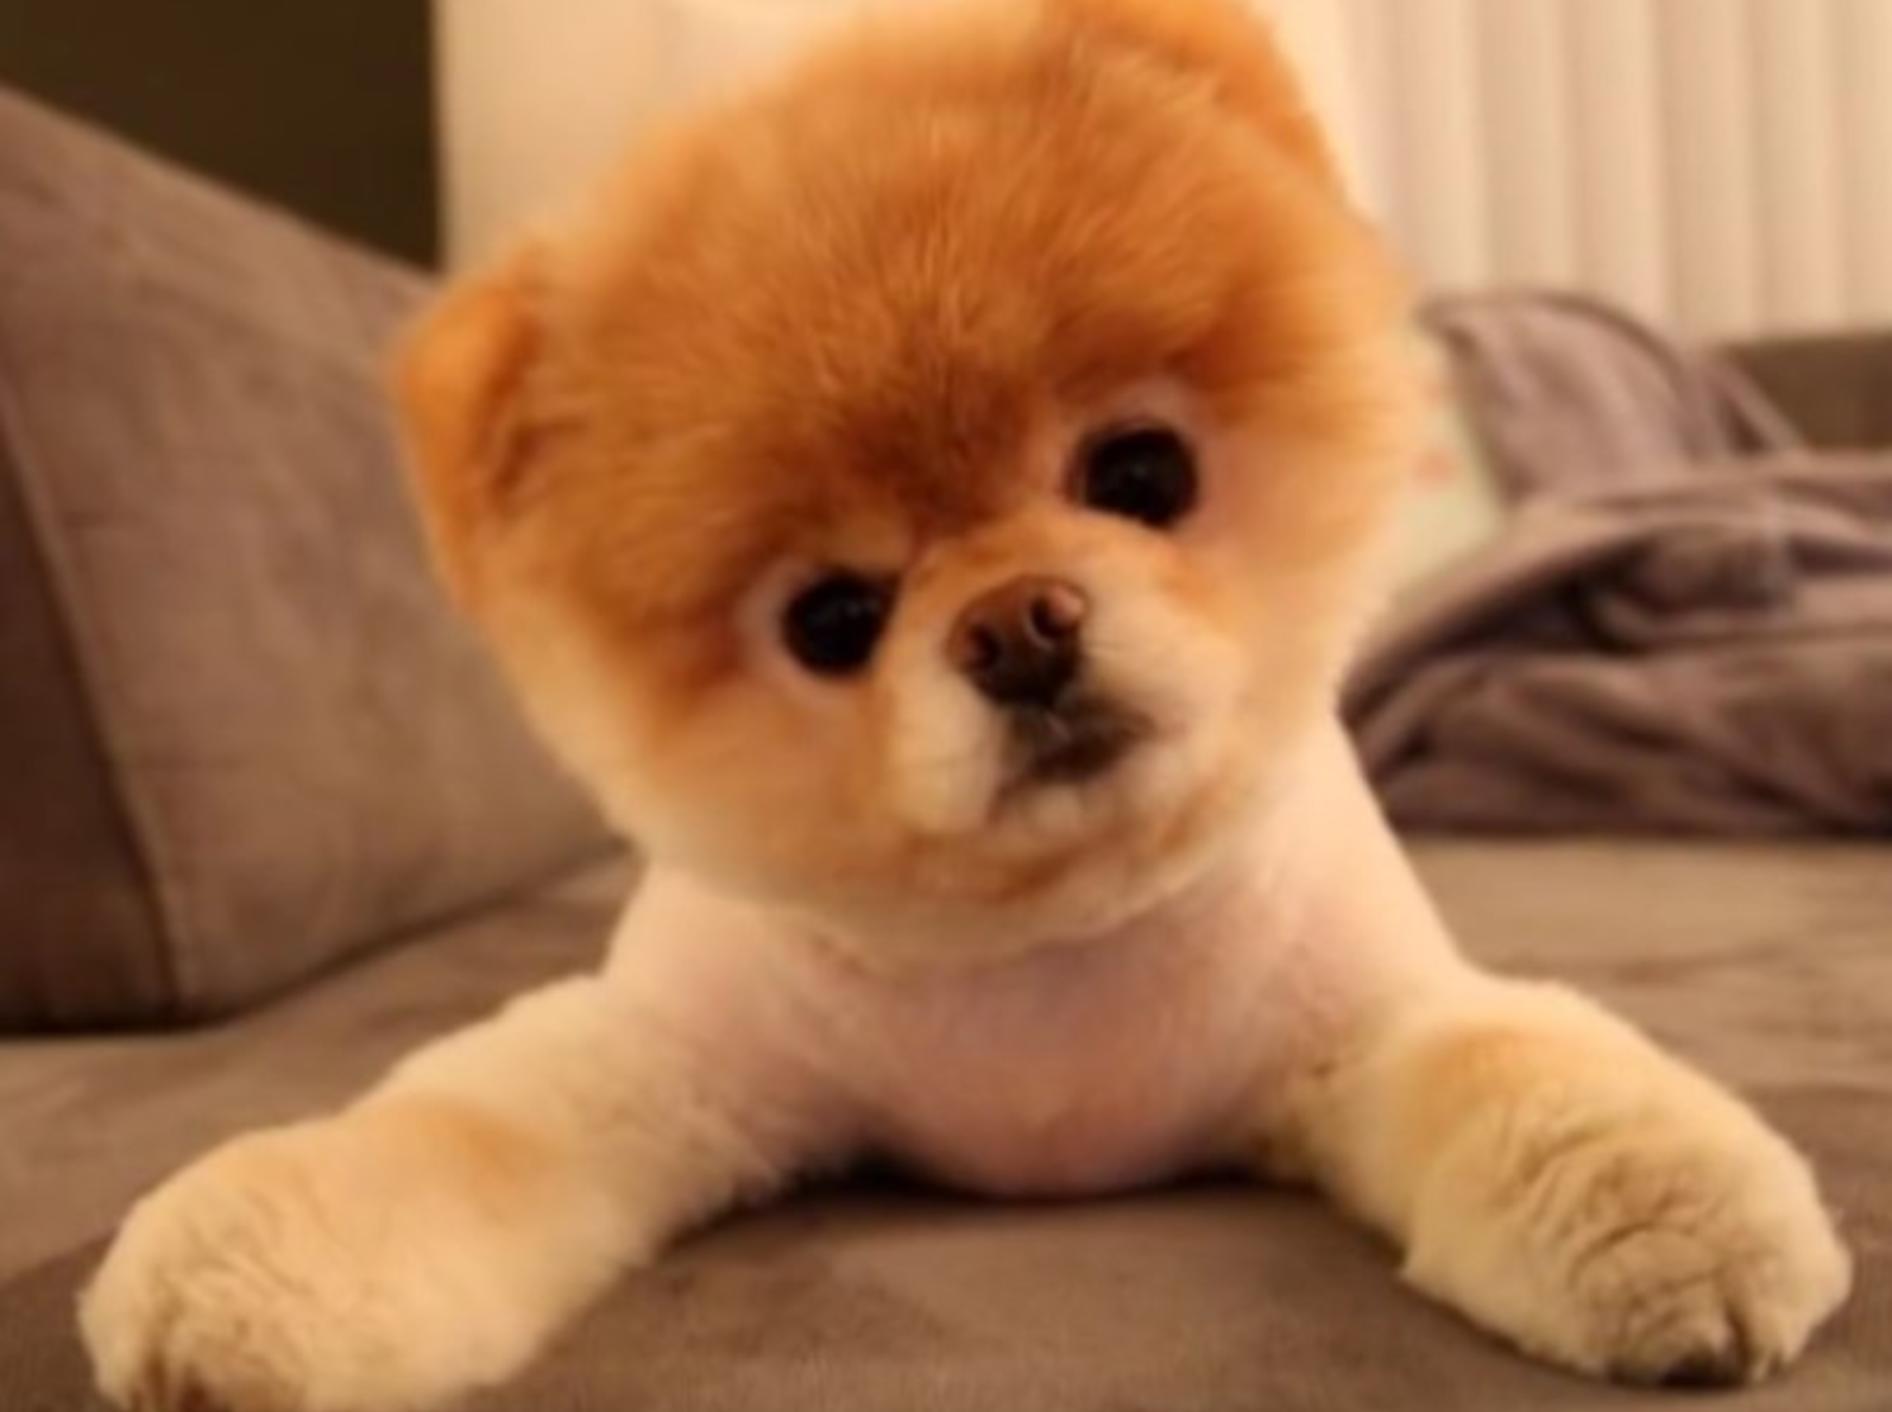 Mehr Fell und Flausch als Hund: Boo ist ein wahrer Knuddelwuff – YouTube / TheRockstarBoo